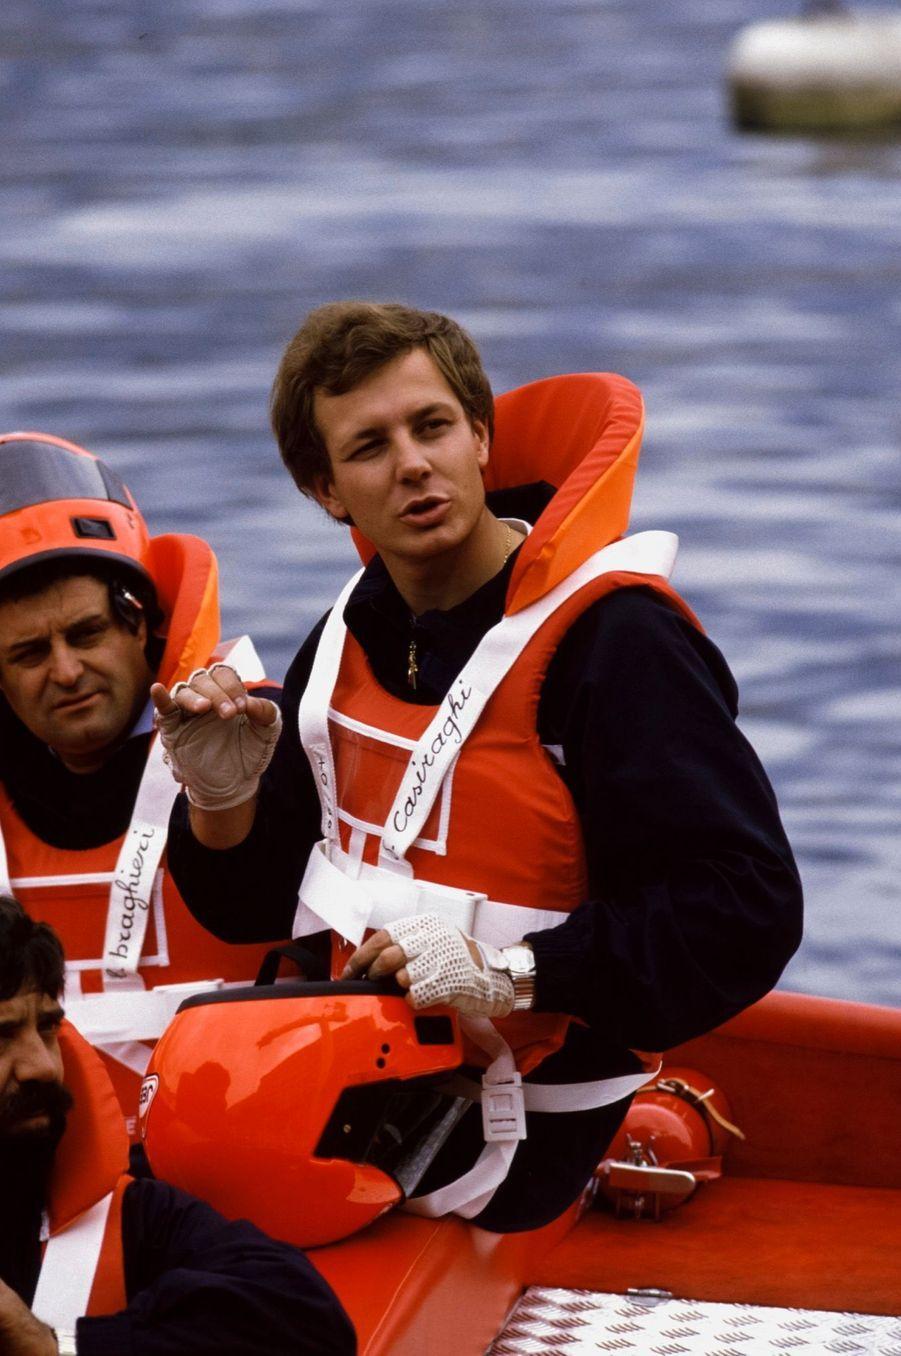 Stefano Casiraghi à bord de son offshore dans le port de Monaco, le 12 mai 1985.